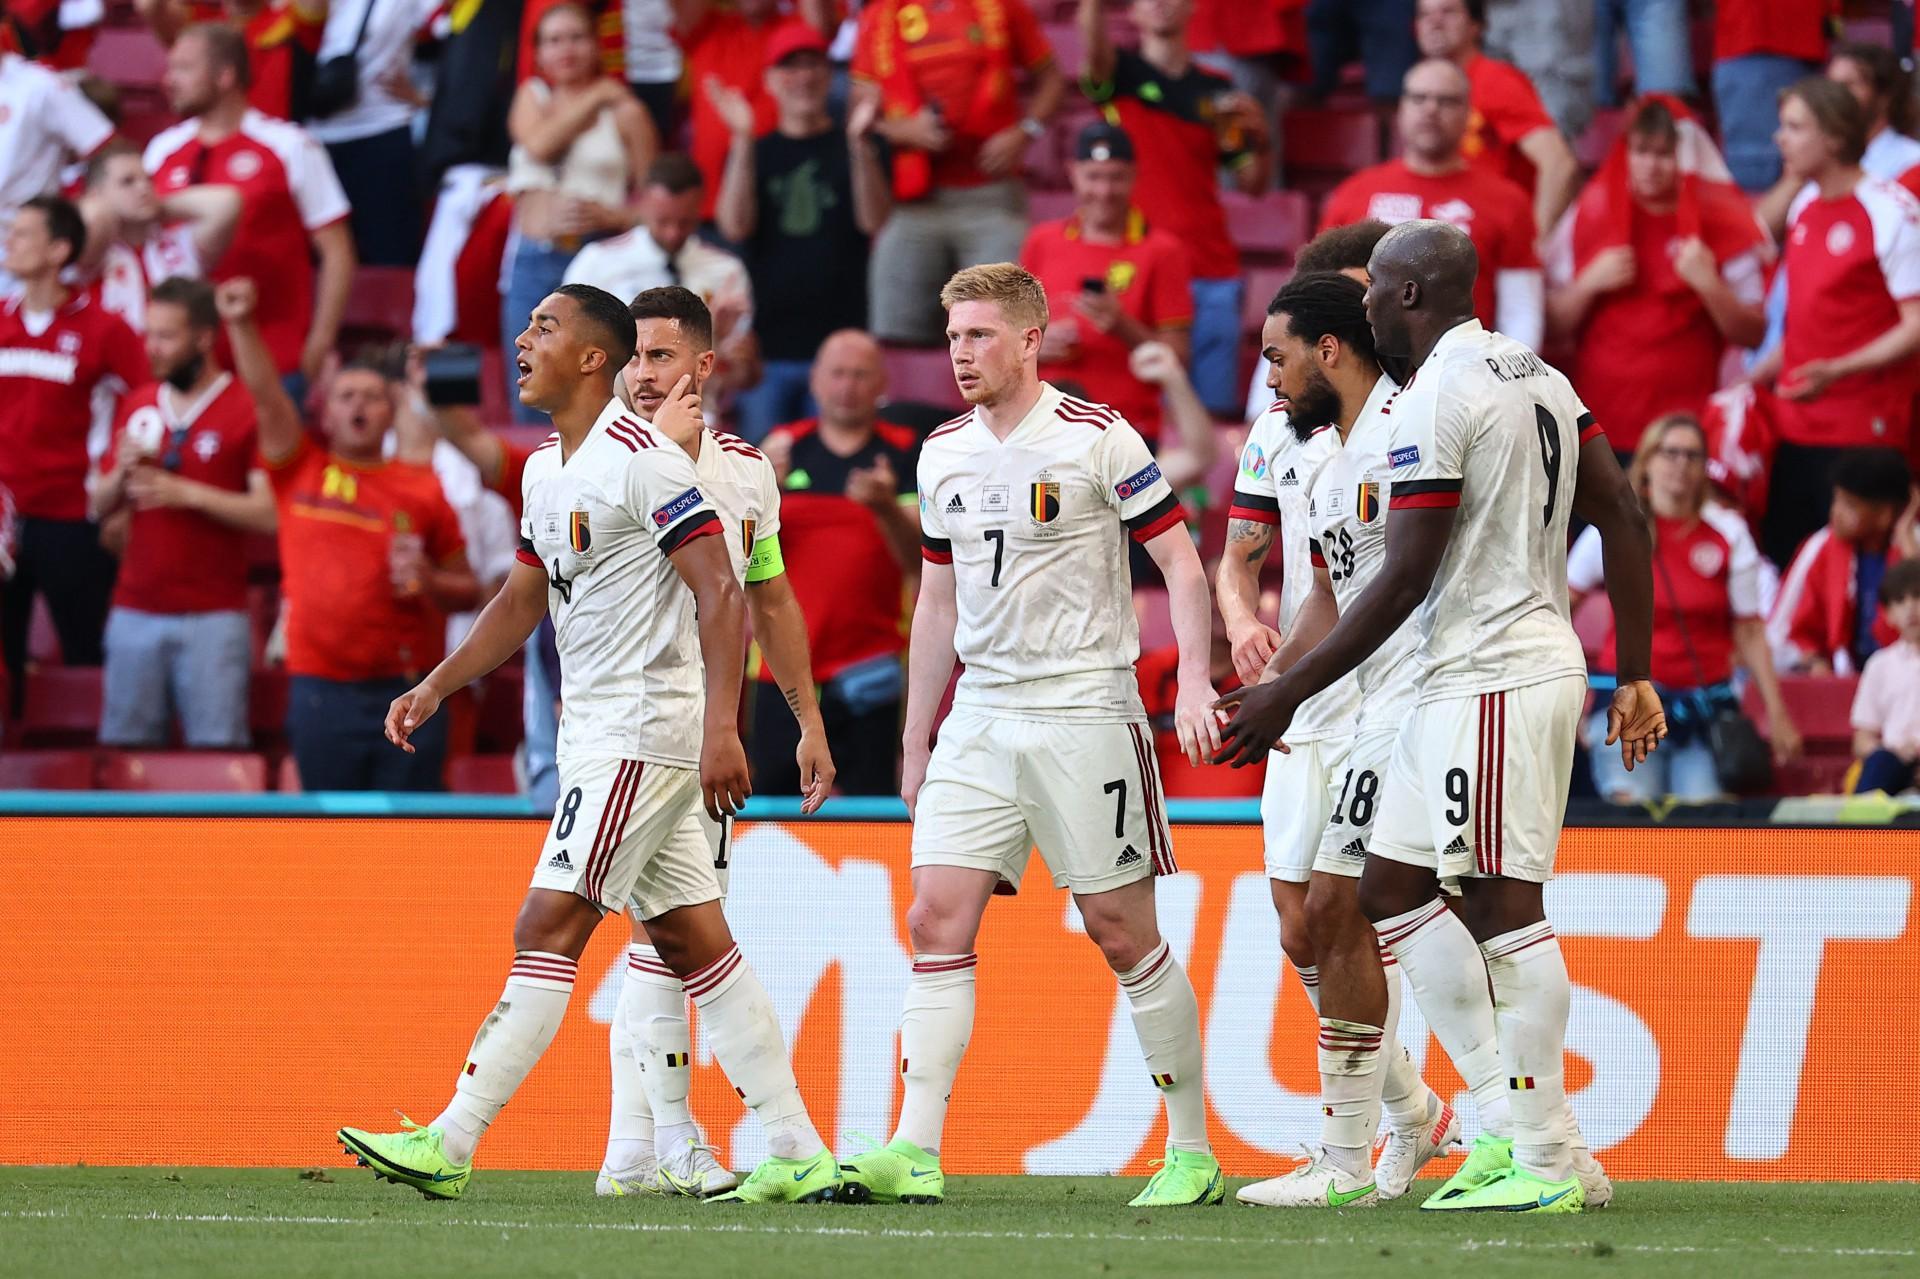 O meio-campista belga Kevin De Bruyne (C) comemora com seus companheiros após marcar o segundo gol de sua equipe durante a partida de futebol do Grupo B do UEFA EURO 2020, entre Dinamarca e Bélgica, no Estádio Parken, em Copenhague, em 17 de junho de 2021. (Foto de WOLFGANG RATTAY / POOL / AFP)